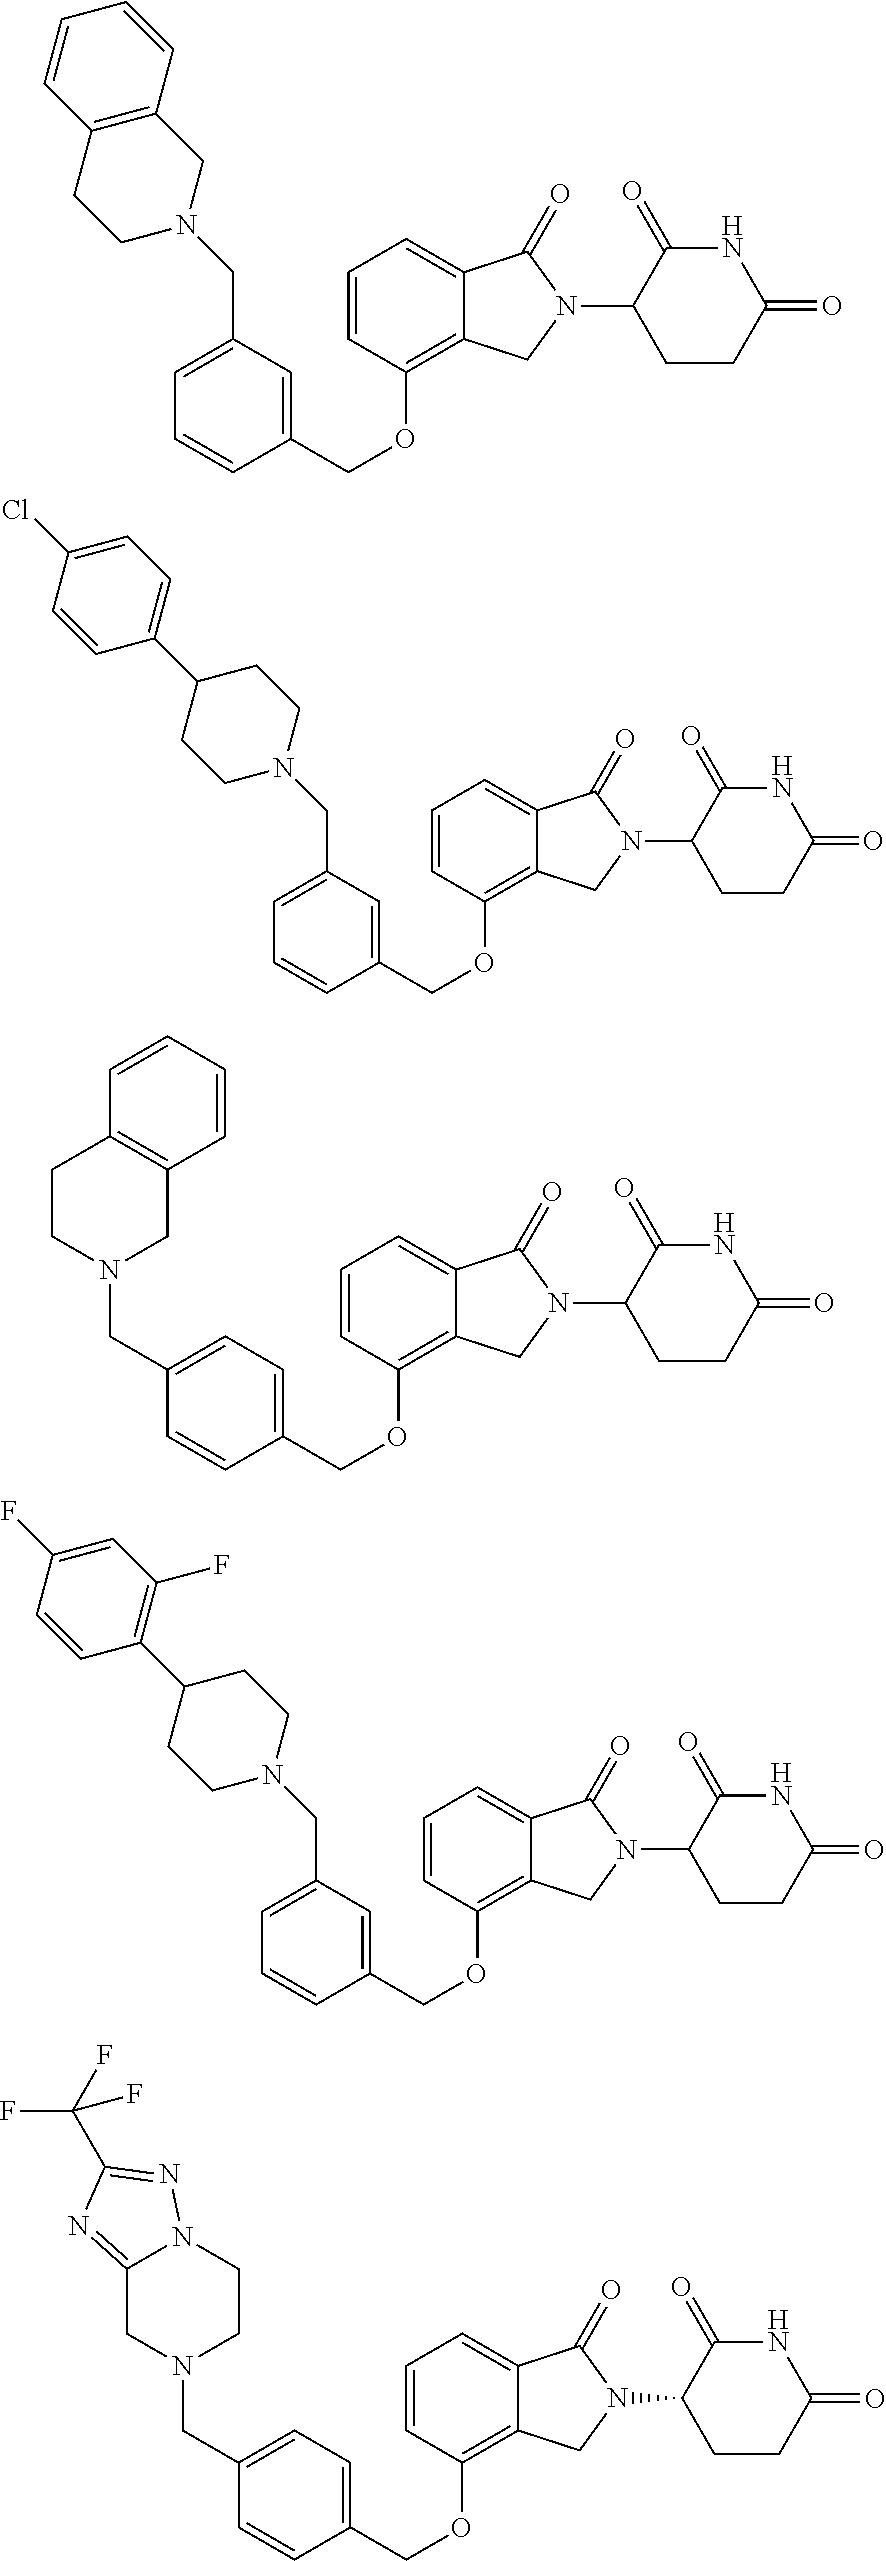 Figure US09822094-20171121-C00020